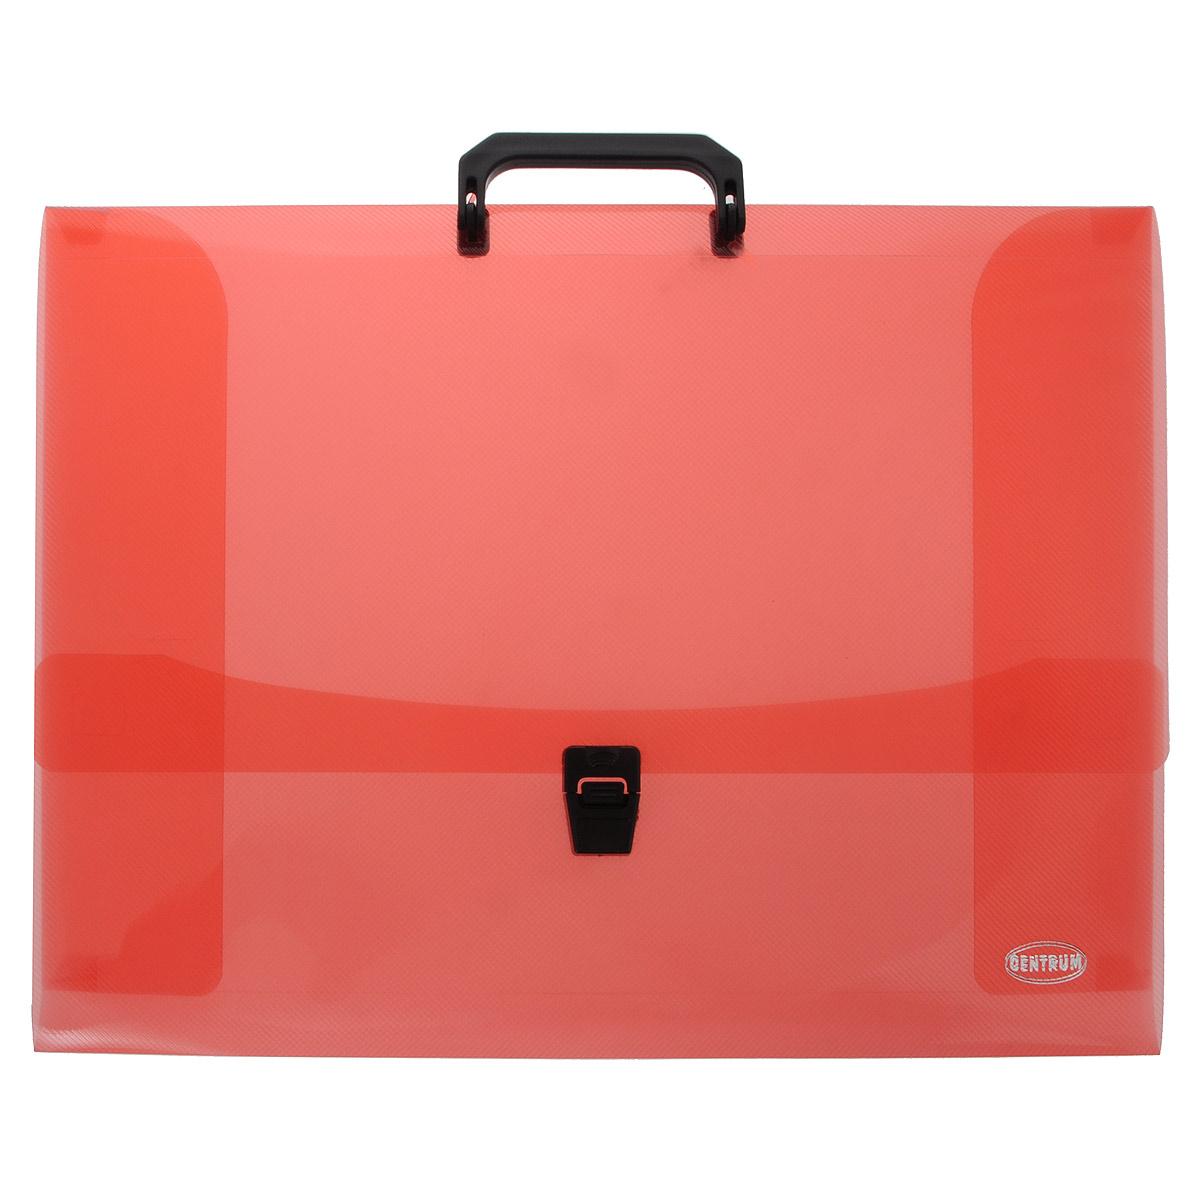 Папка-портфель Centrum, с ручкой, цвет: красный. Формат А380652 красныйПапка-портфель Centrum станет вашим верным помощником дома и в офисе. Это удобный и функциональный инструмент, предназначенный для хранения и транспортировки больших объемов рабочих бумаг и документов формата А3. Папка изготовлена из износостойкого полупрозрачного высококачественного пластика и закрывается на широкий клапан с замком. Состоит одного вместительных отделений. Папка оформлена оригинальным тиснением. Папка имеет удобную ручку для переноски. Папка - это незаменимый атрибут для любого студента, школьника или офисного работника. Такая папка надежно сохранит ваши бумаги и сбережет их от повреждений, пыли и влаги.